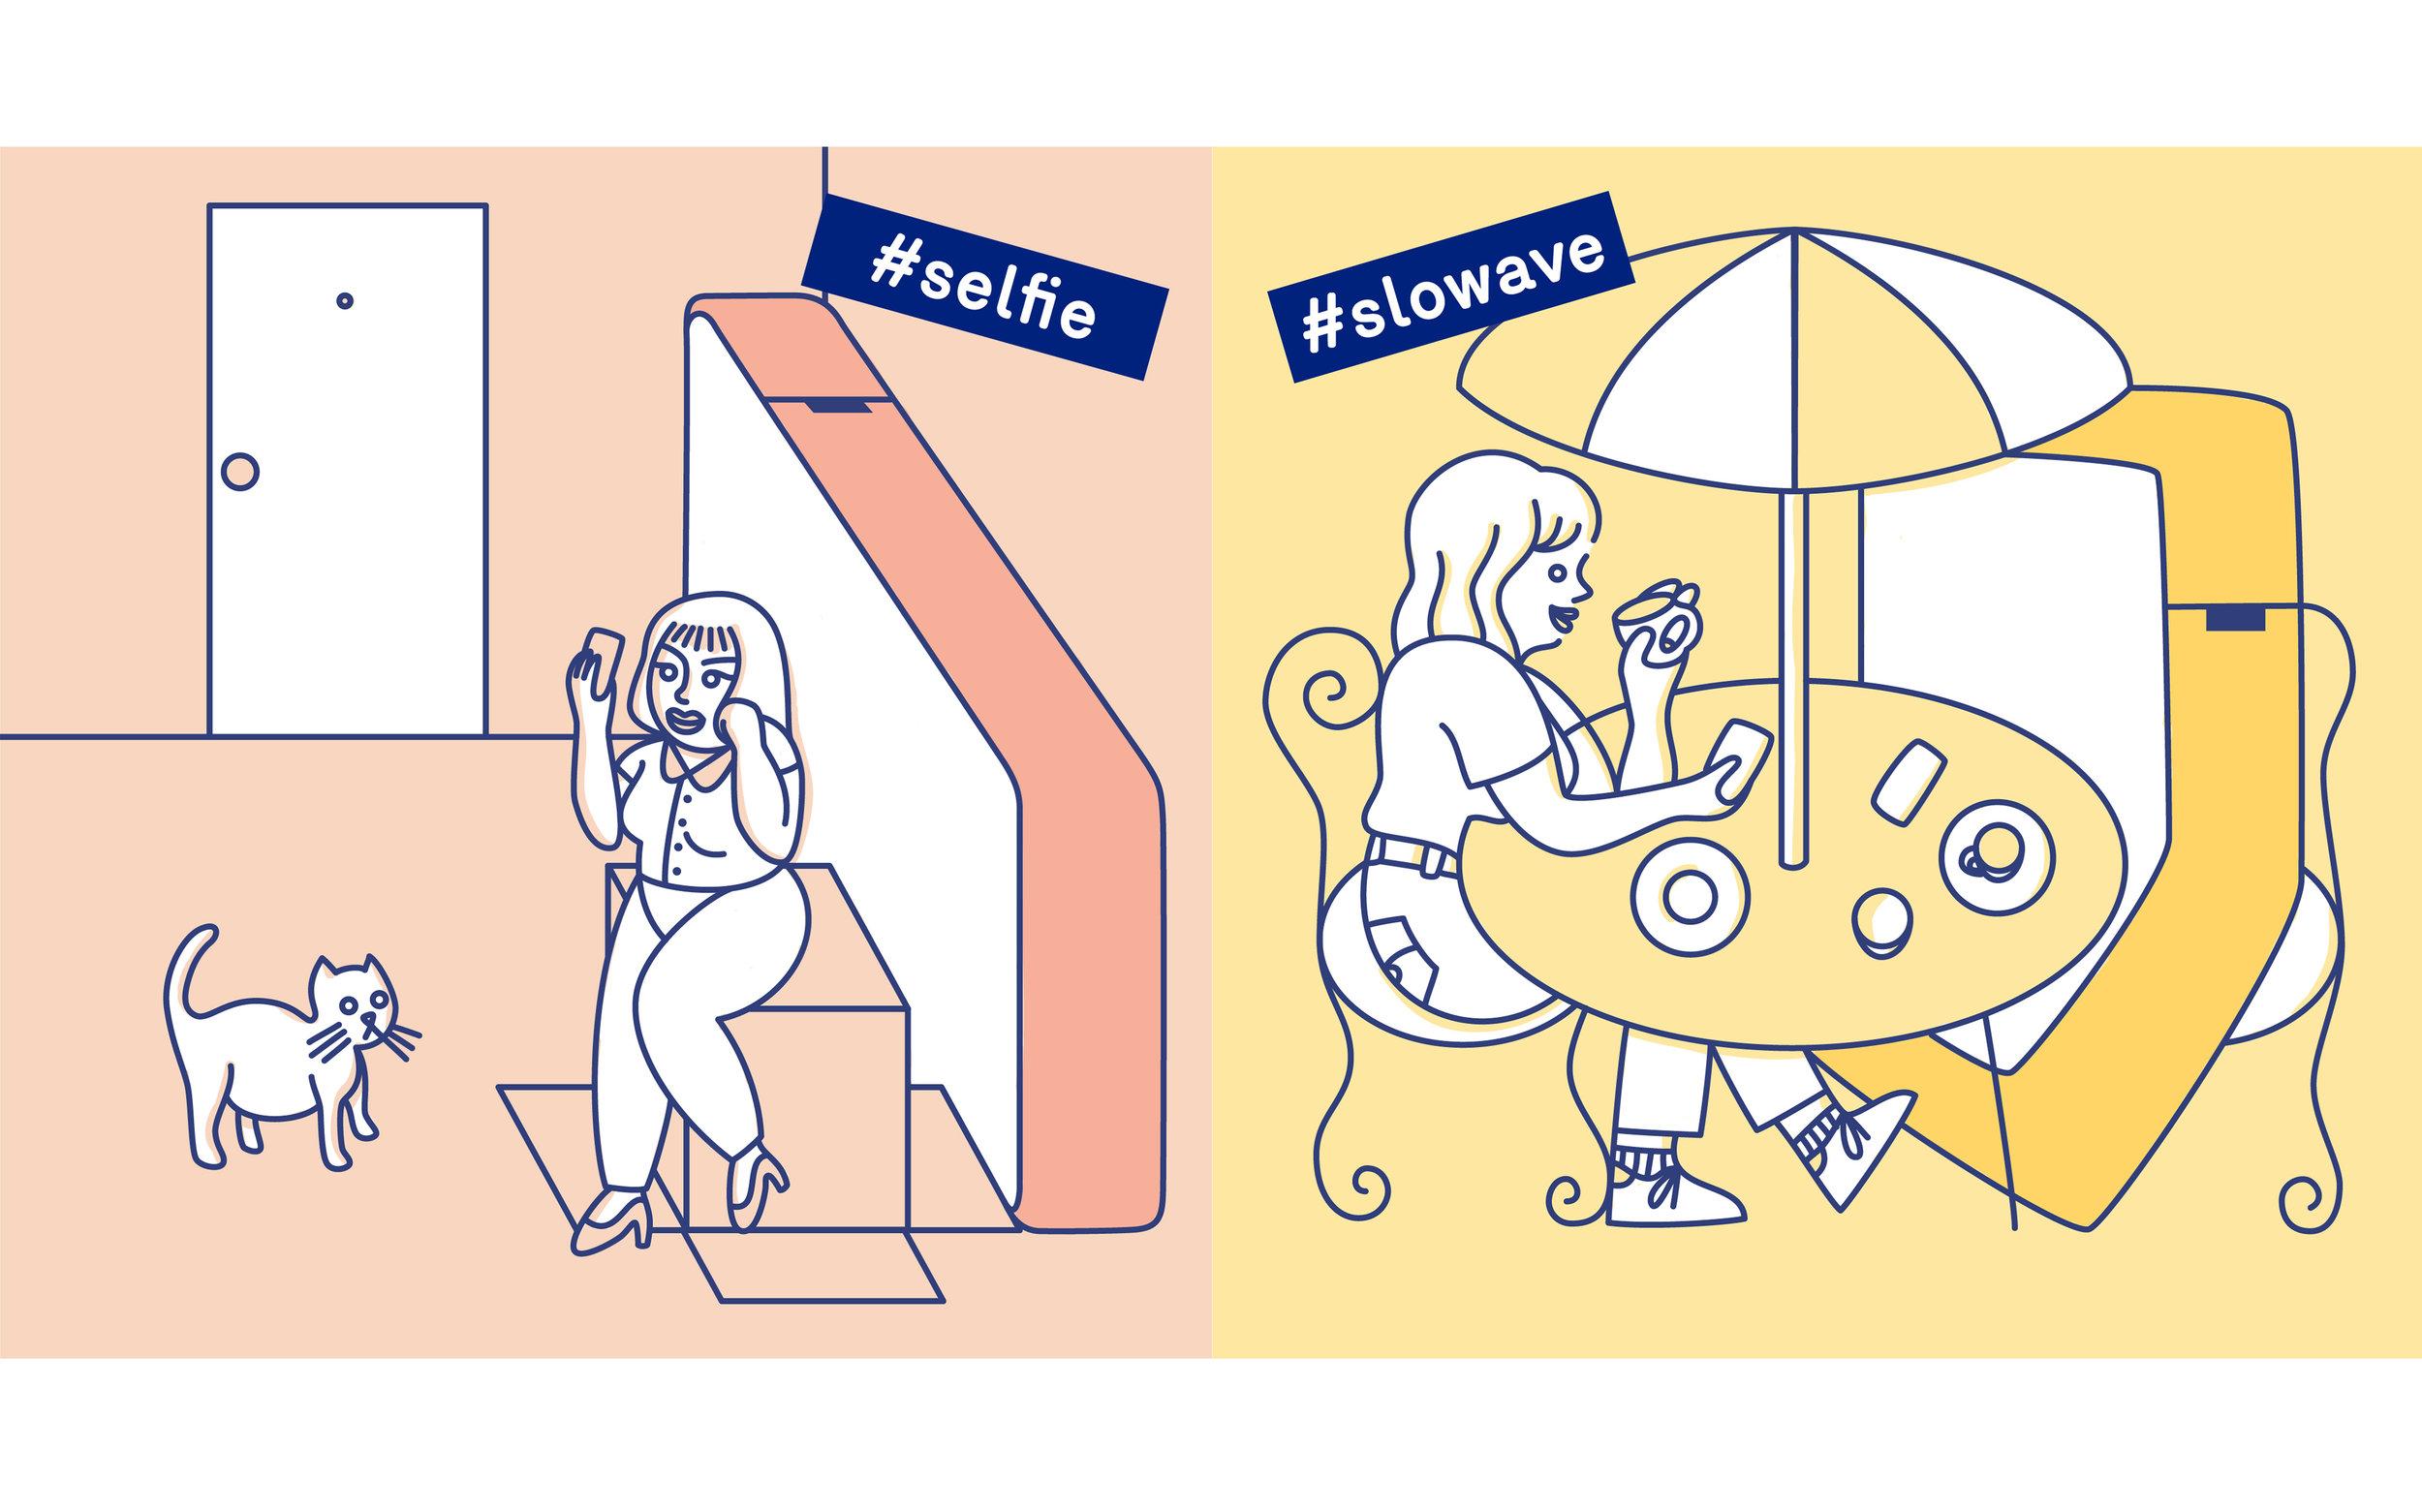 Casper_illustrations.jpg